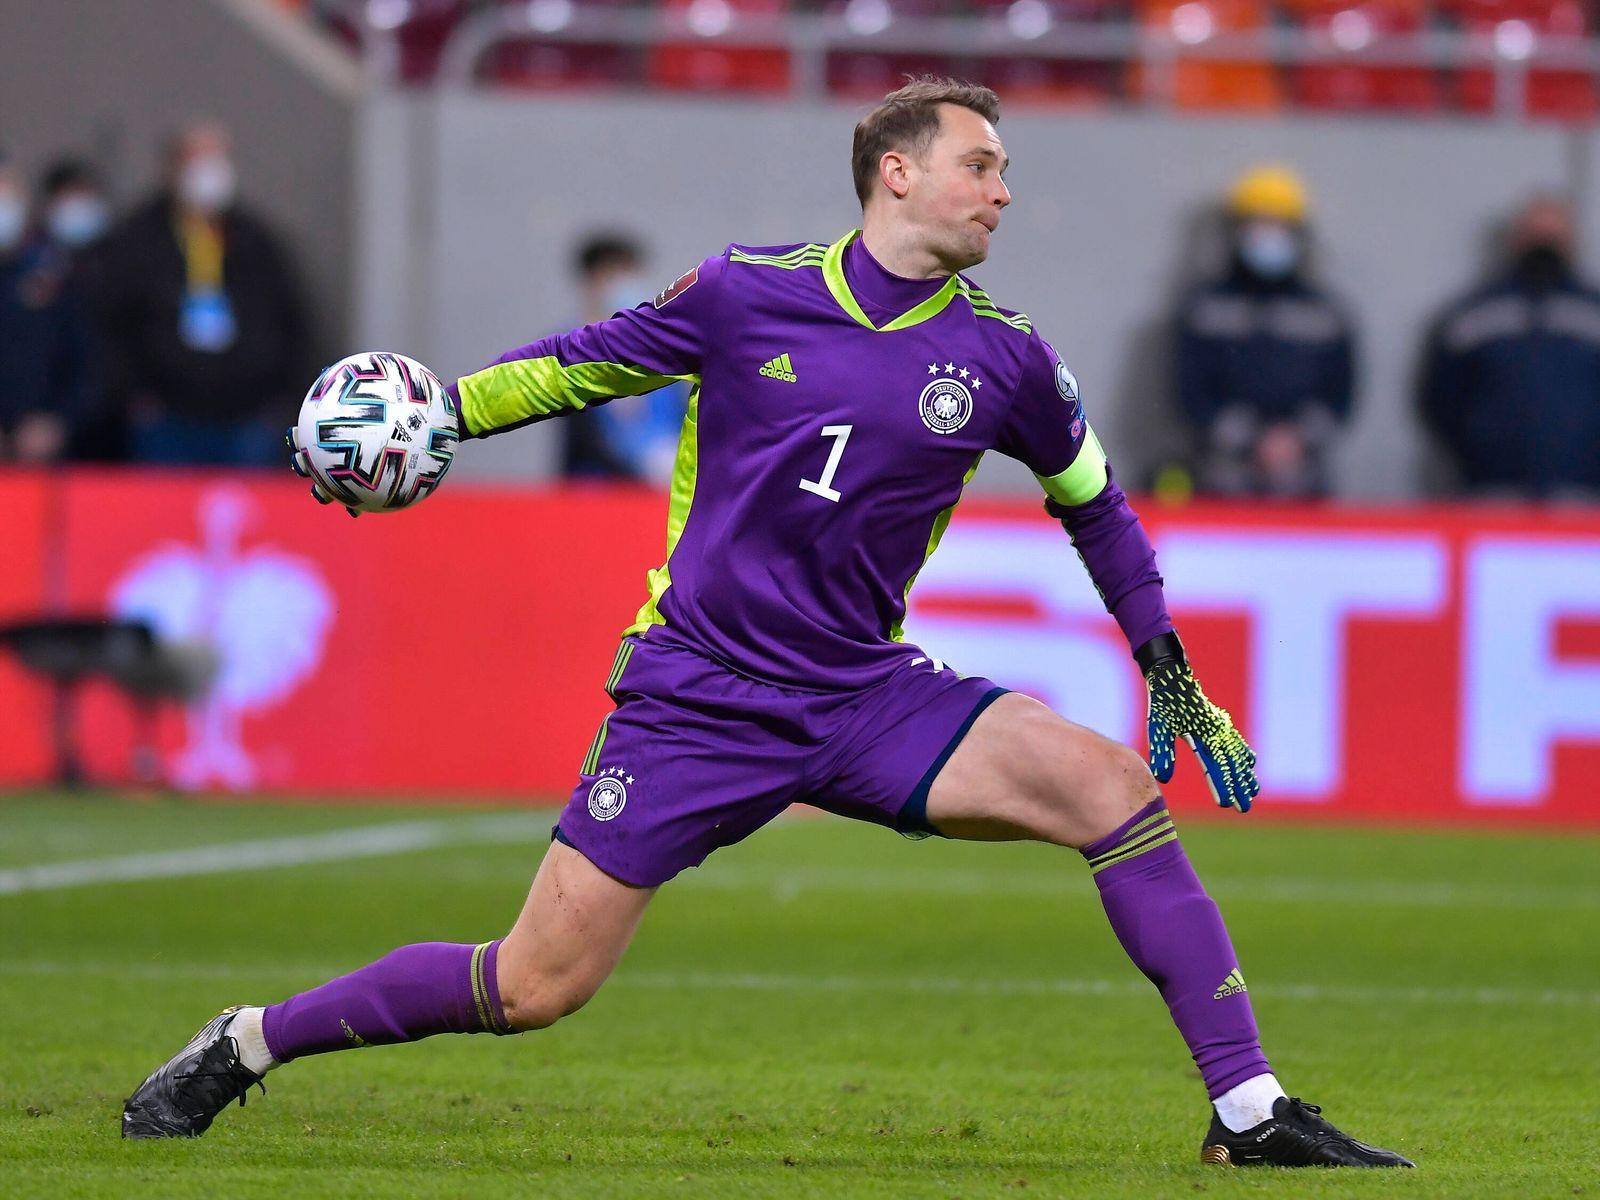 Manuel Neuer in meciul de fotbal dintre Romania si Germania, din cadrul Preliminariilor Campionatului Mondial 2022, desf